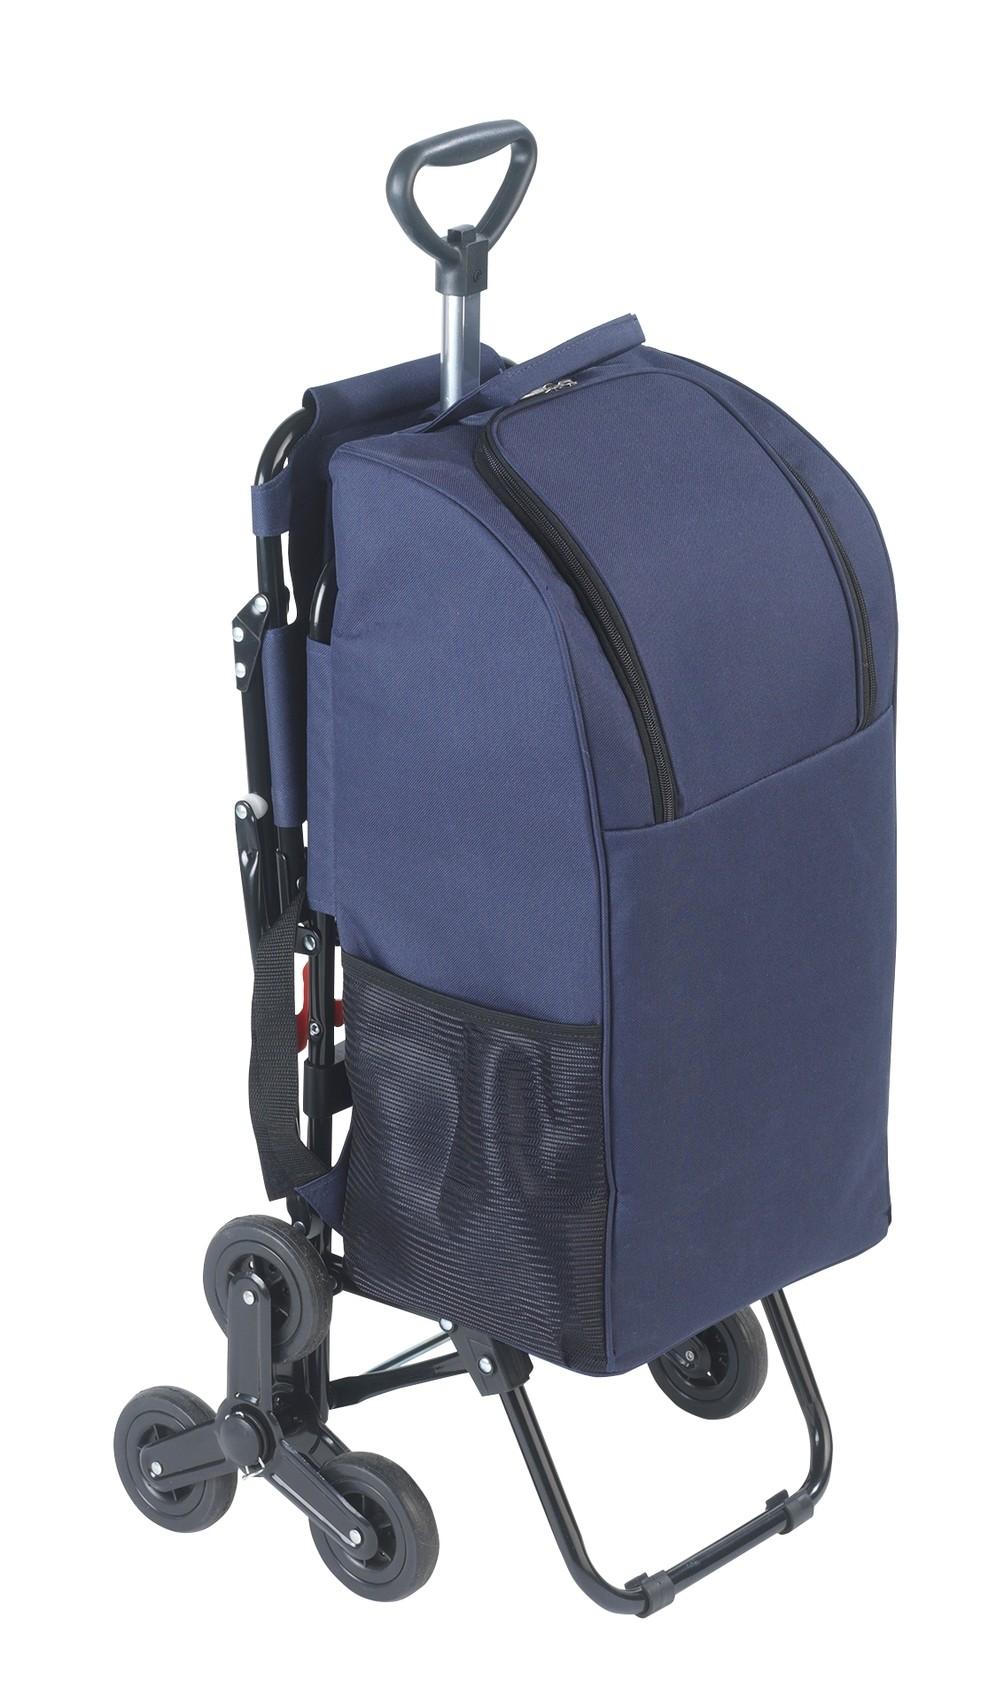 Wenko Einkaufstrolley mit Sitz, Dreirad-System fürs Treppensteigen